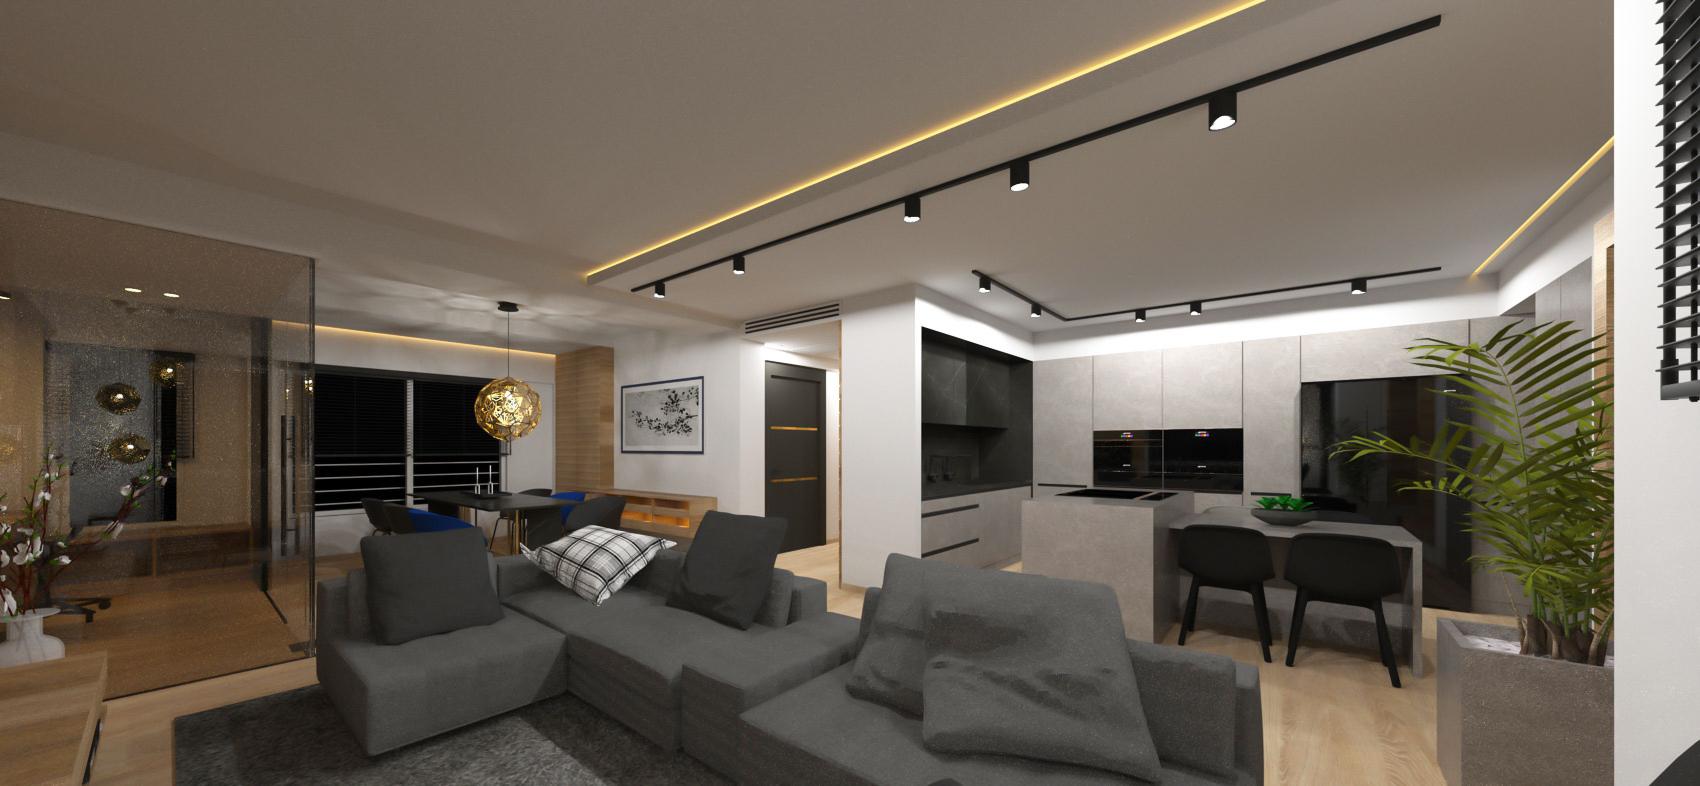 archicostudio_house-yk16_living2